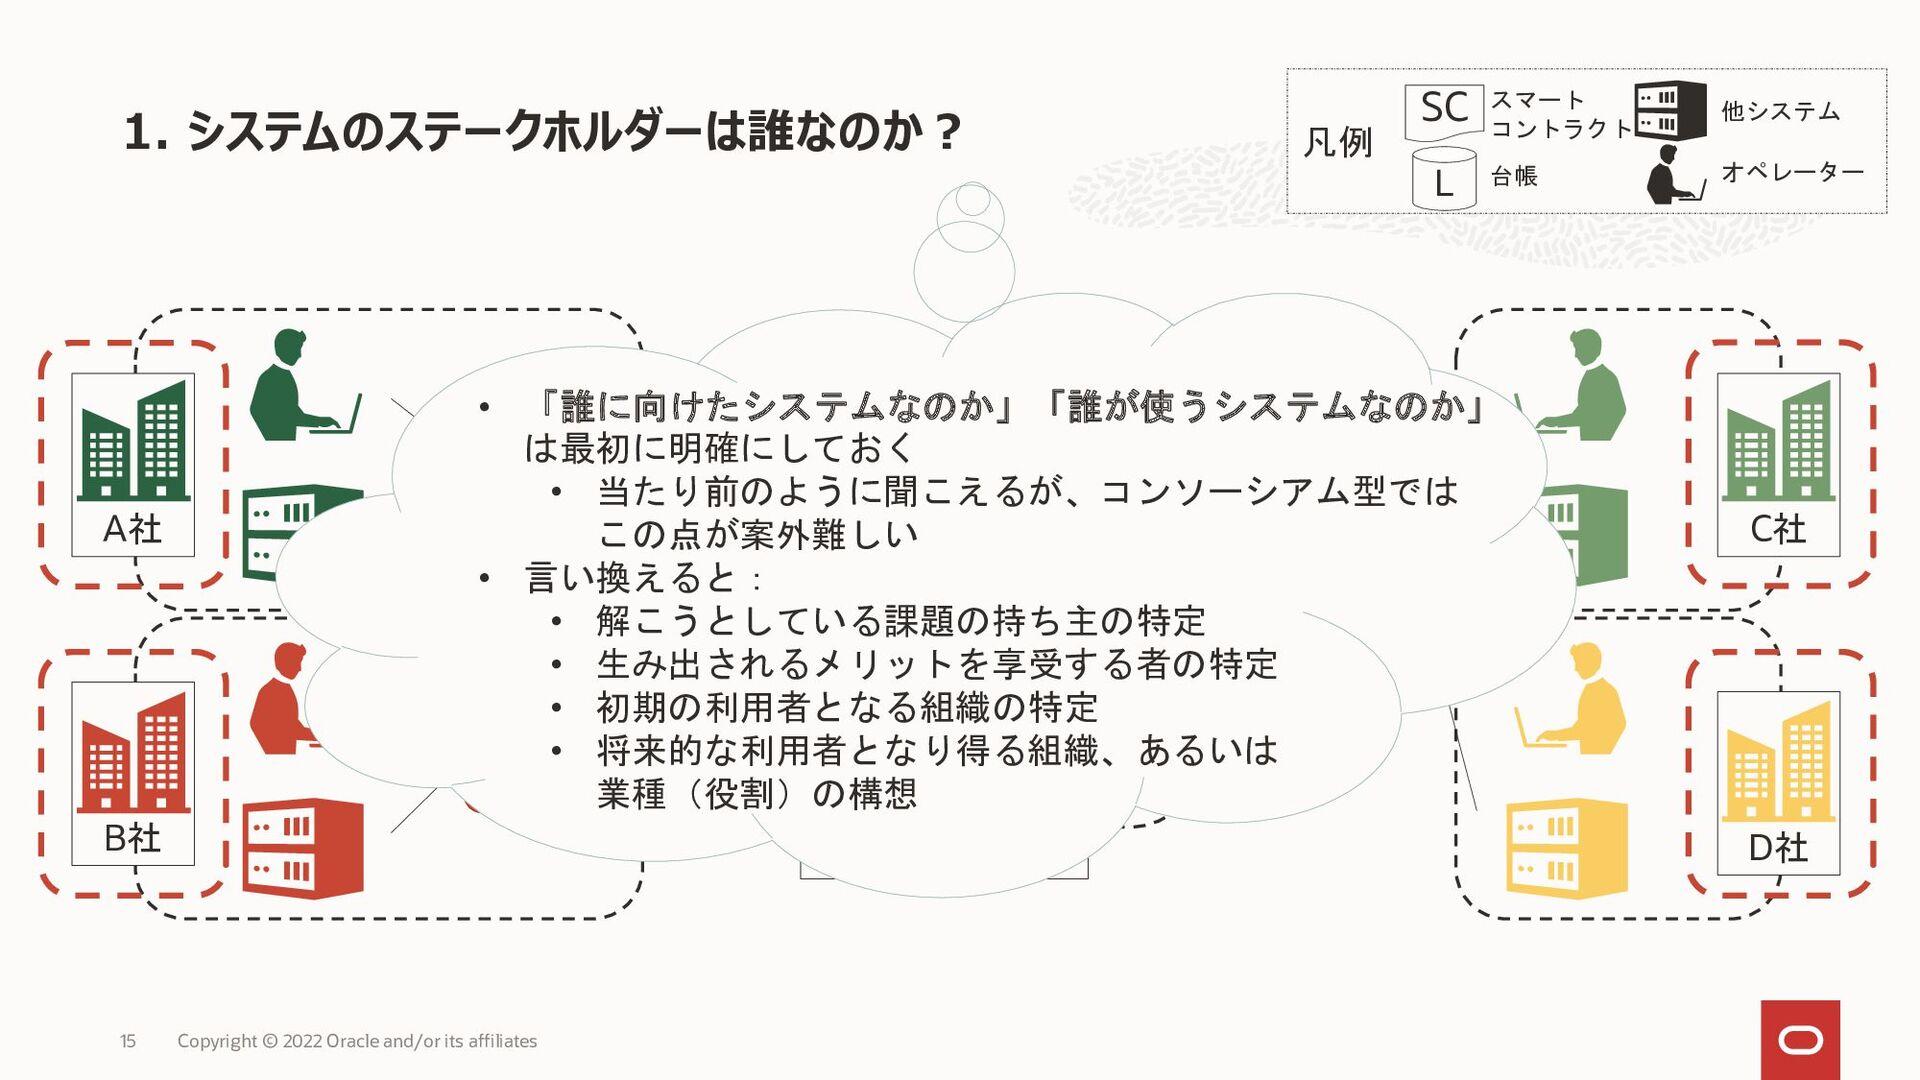 凡例 D社 C社 B社 A社 ノード コンソーシアム型ブロックチェーンのシステム概観 Copy...